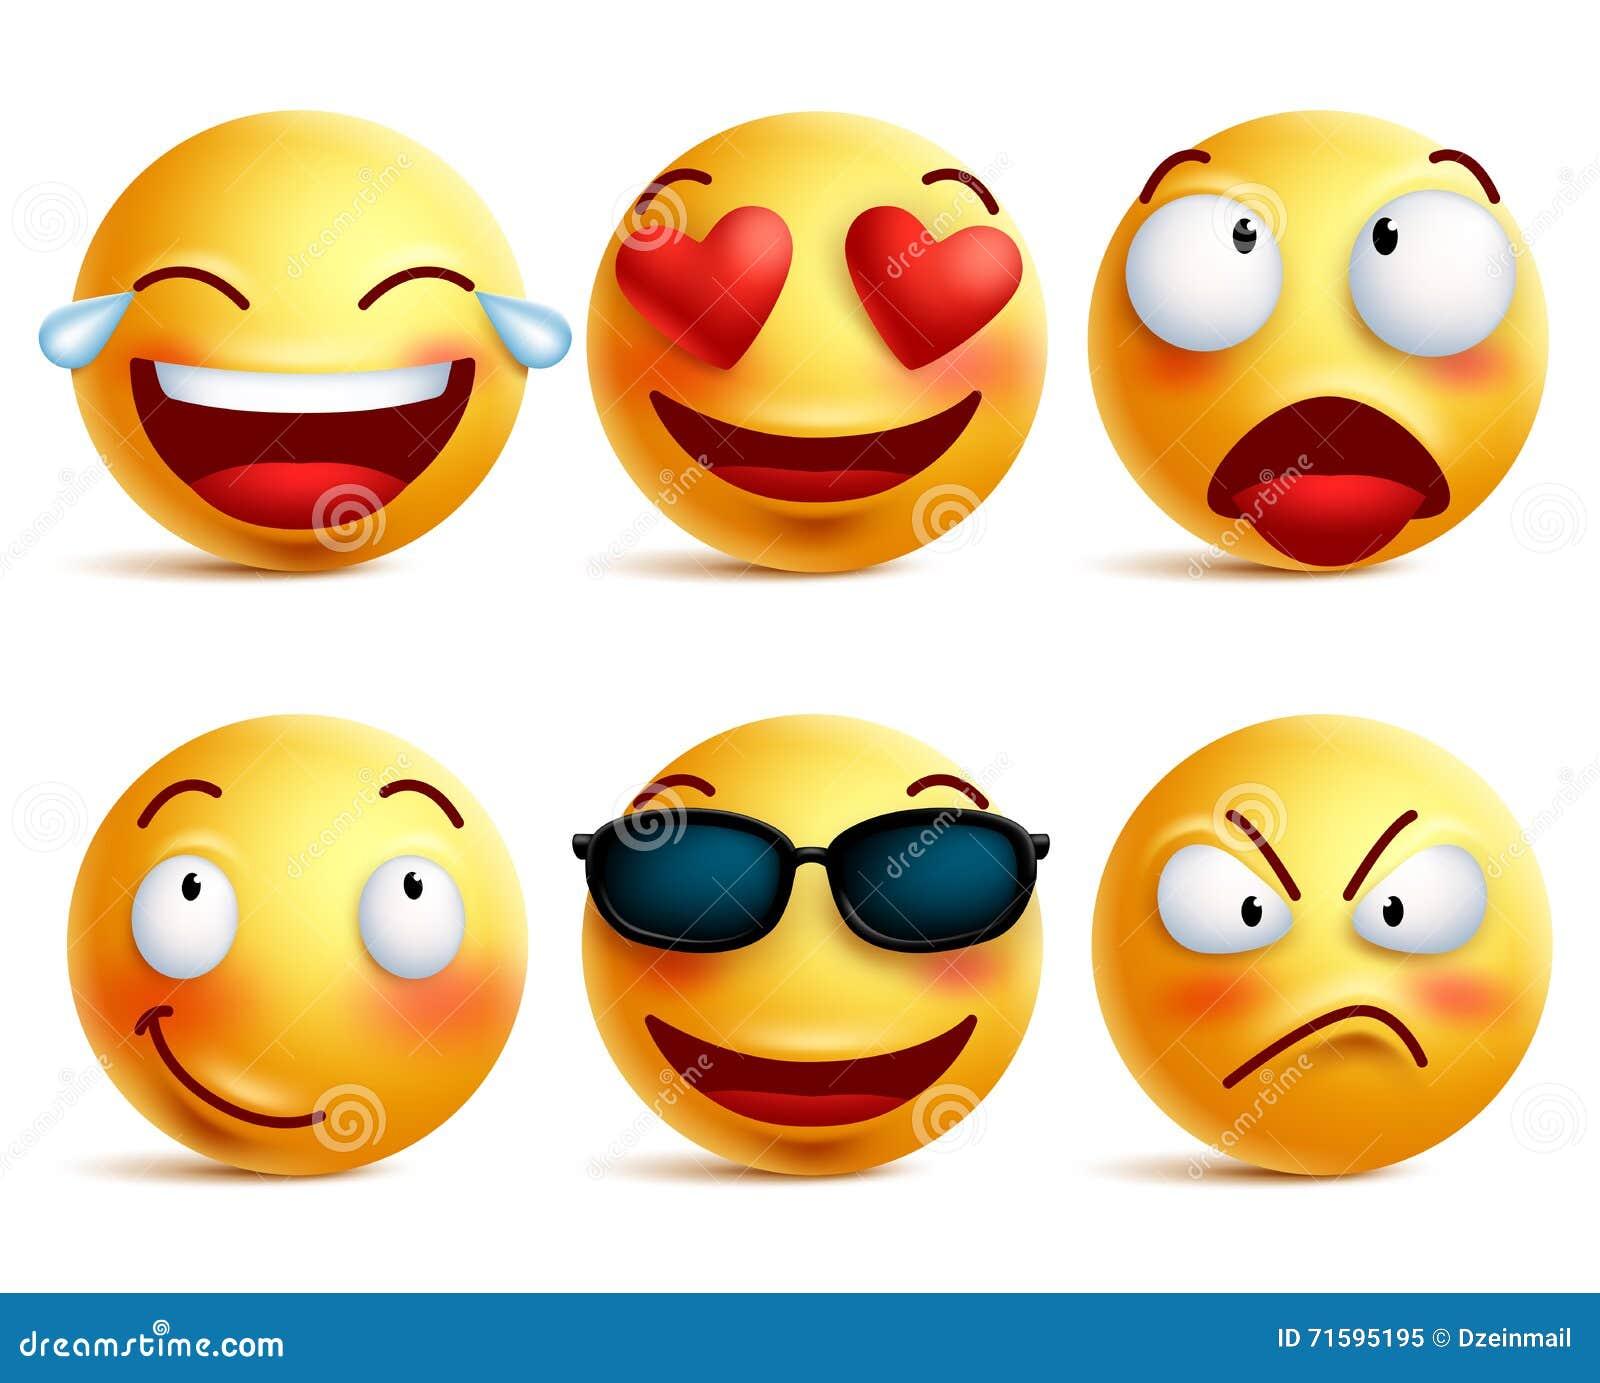 Ícones da cara do smiley ou emoticons amarelos com as caras engraçadas emocionais